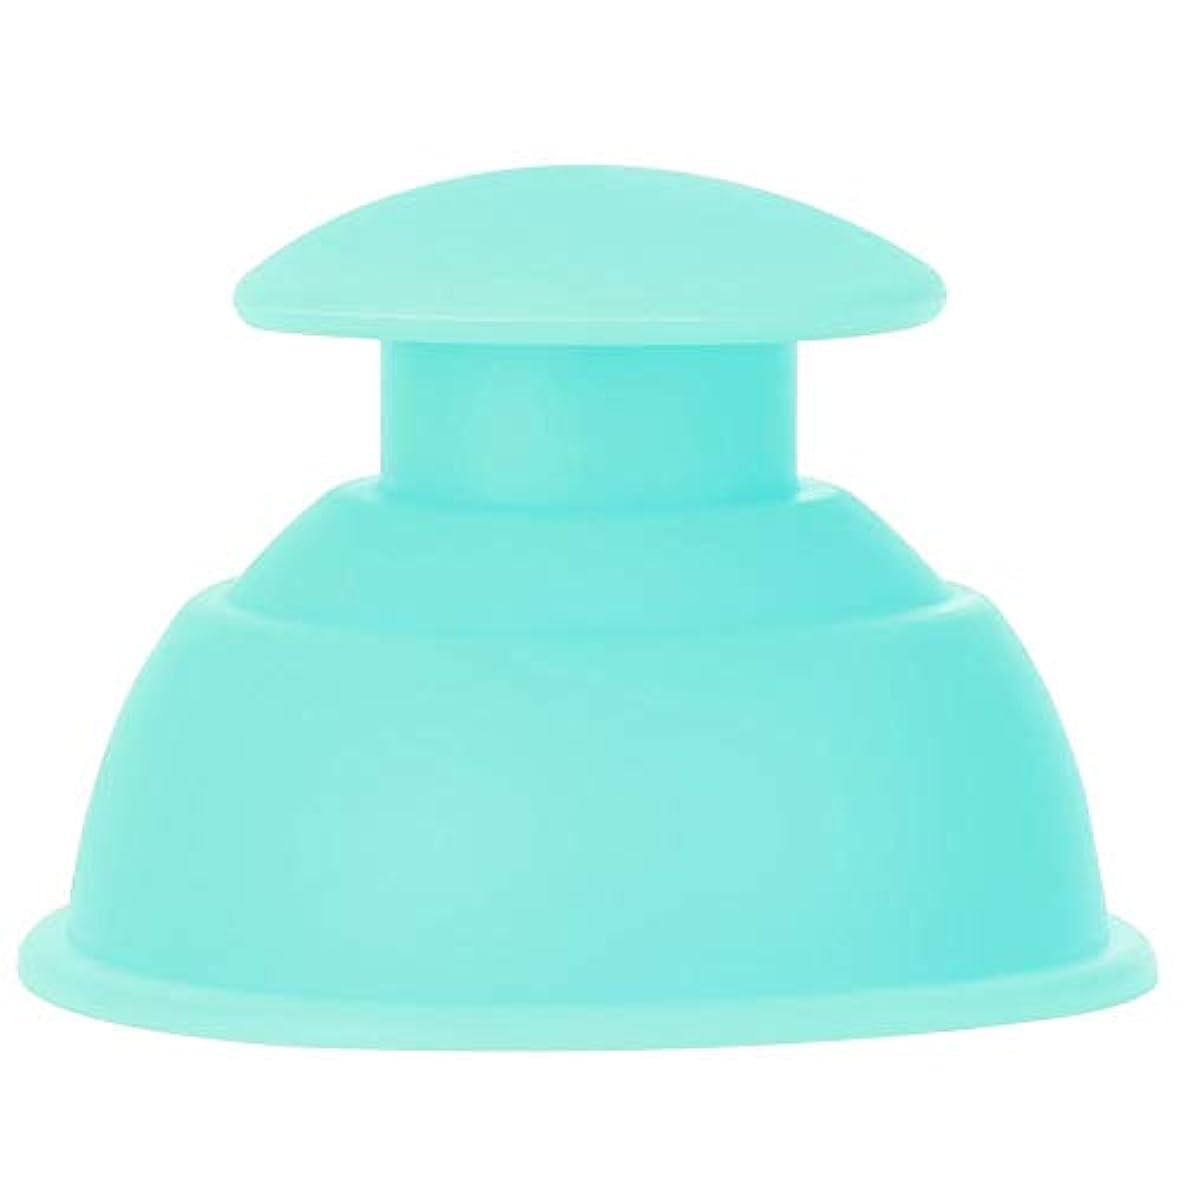 たまに過言悔い改め7種類のカッピングカップマッサージセット、シリコーン水分吸収剤アンチセルライトバキュームによる 全身疲れの緩和(グリーン)